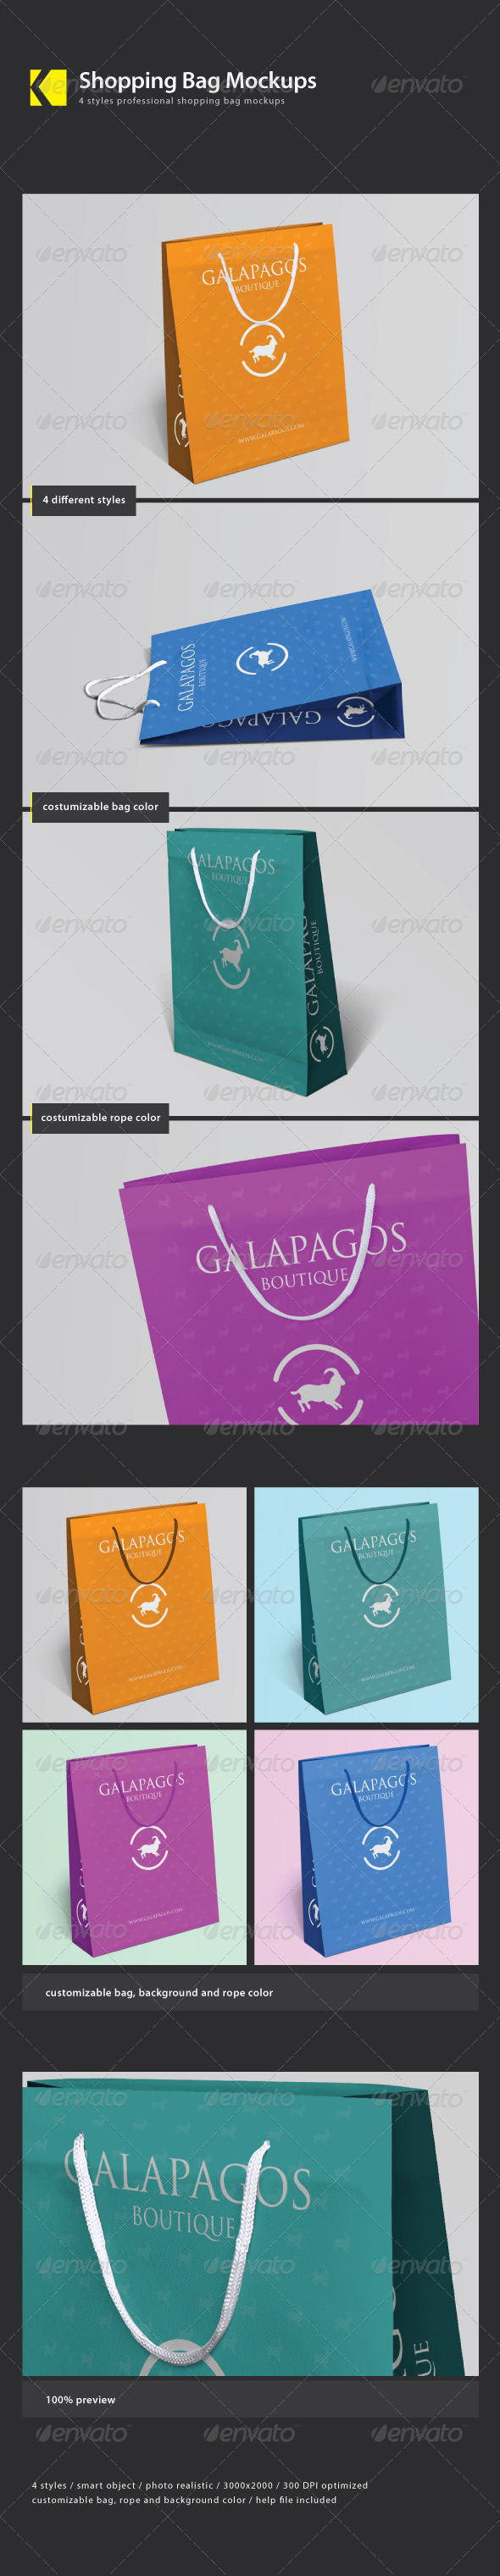 GraphicRiver Shopping Bag Mockups 3673984